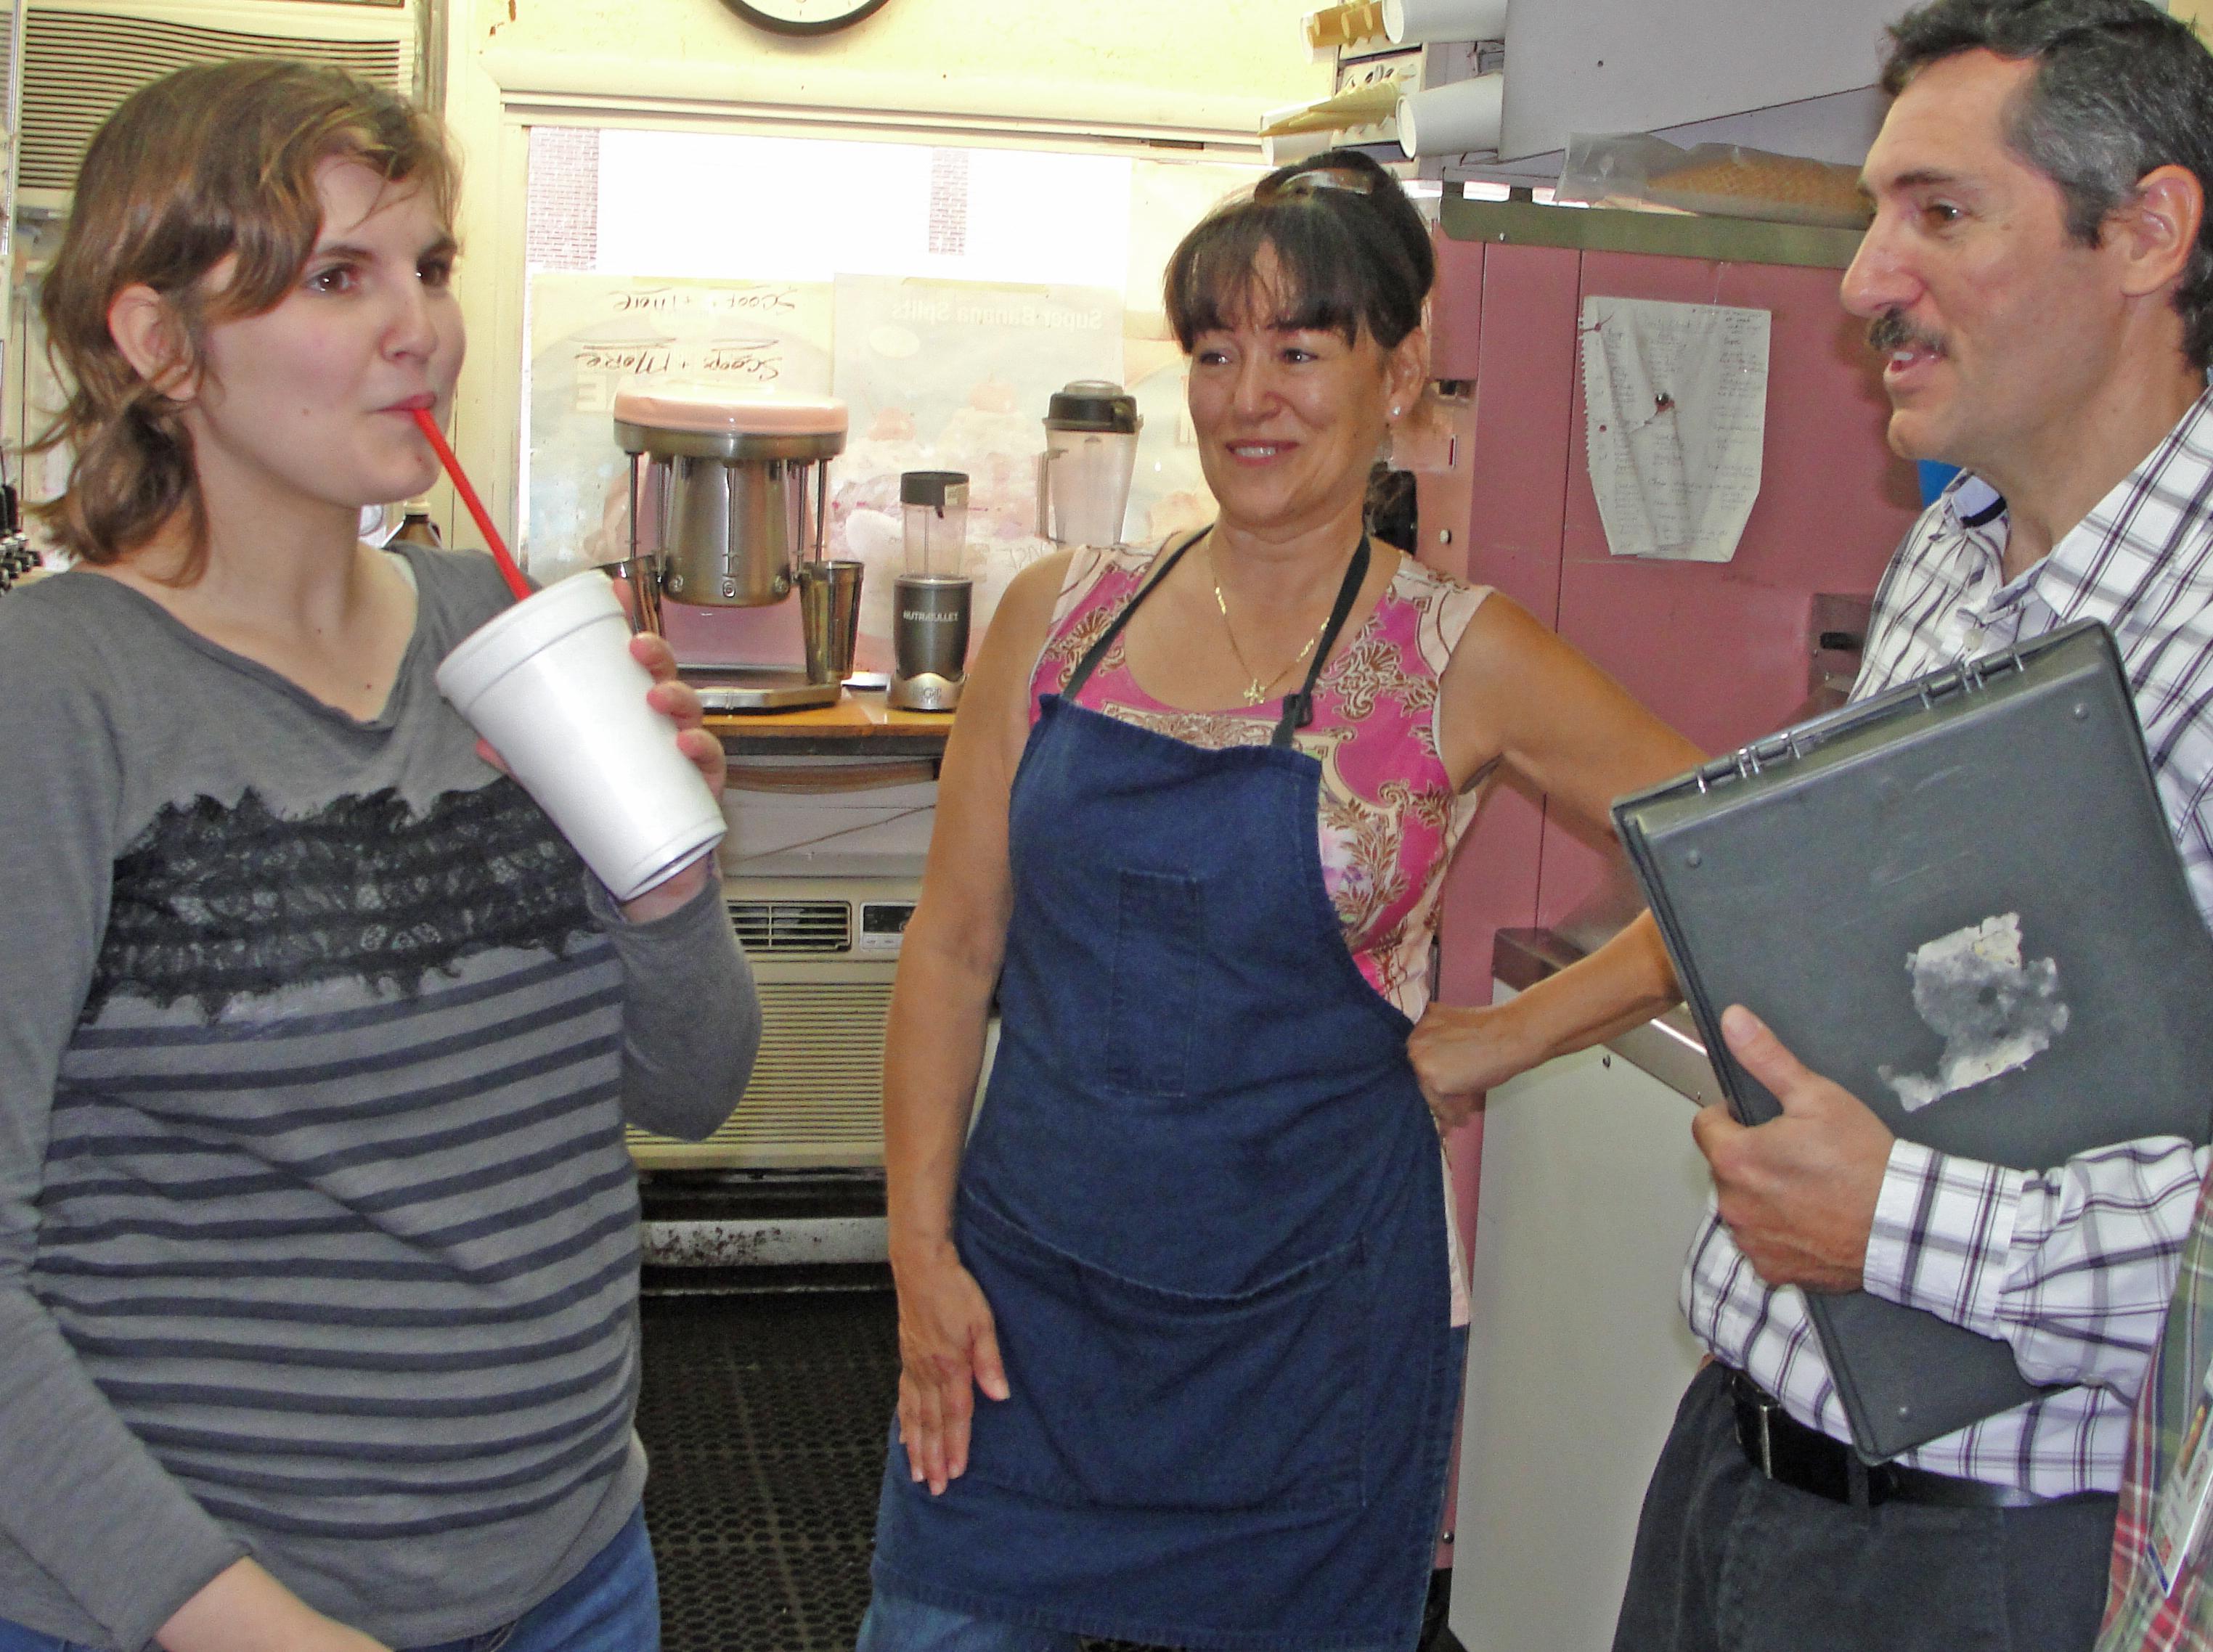 Nicole's Milkshake at Scoops